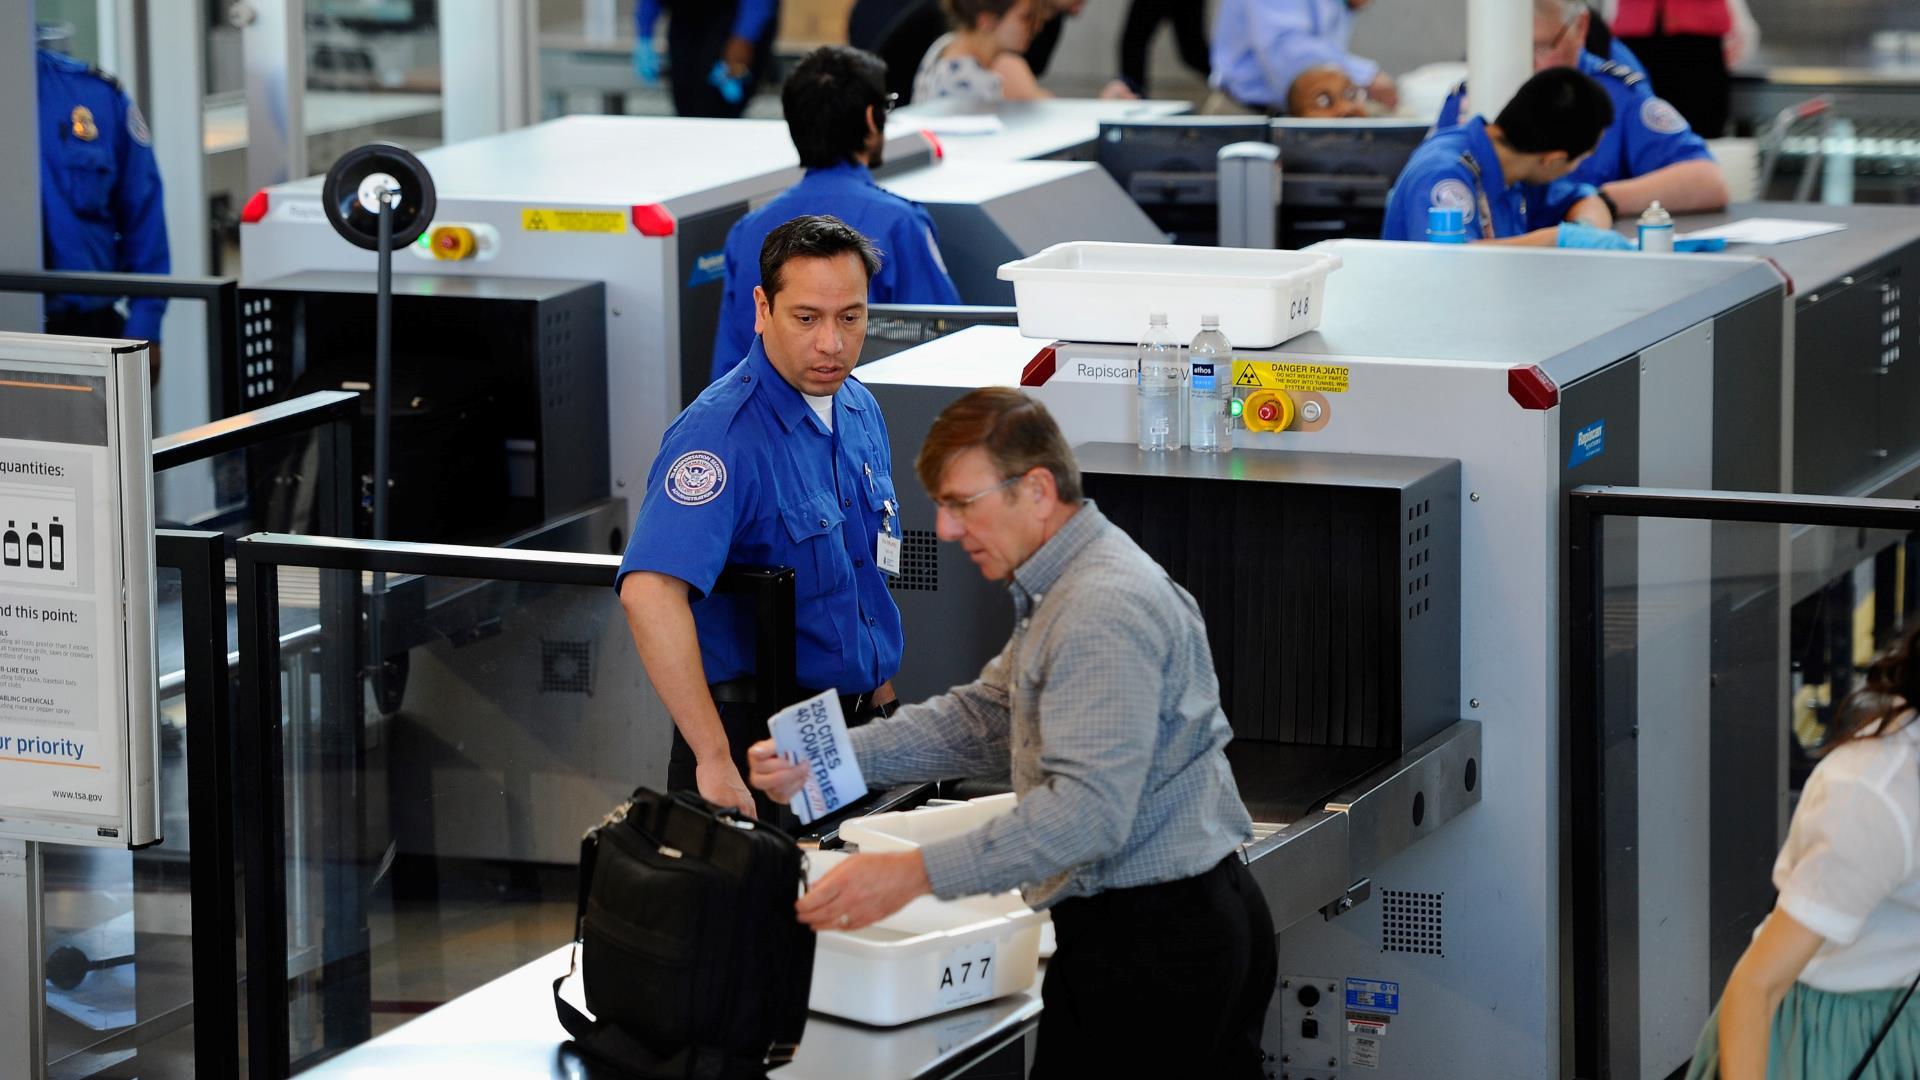 Después de los líquidos, los polvos también prohibidos en los aviones